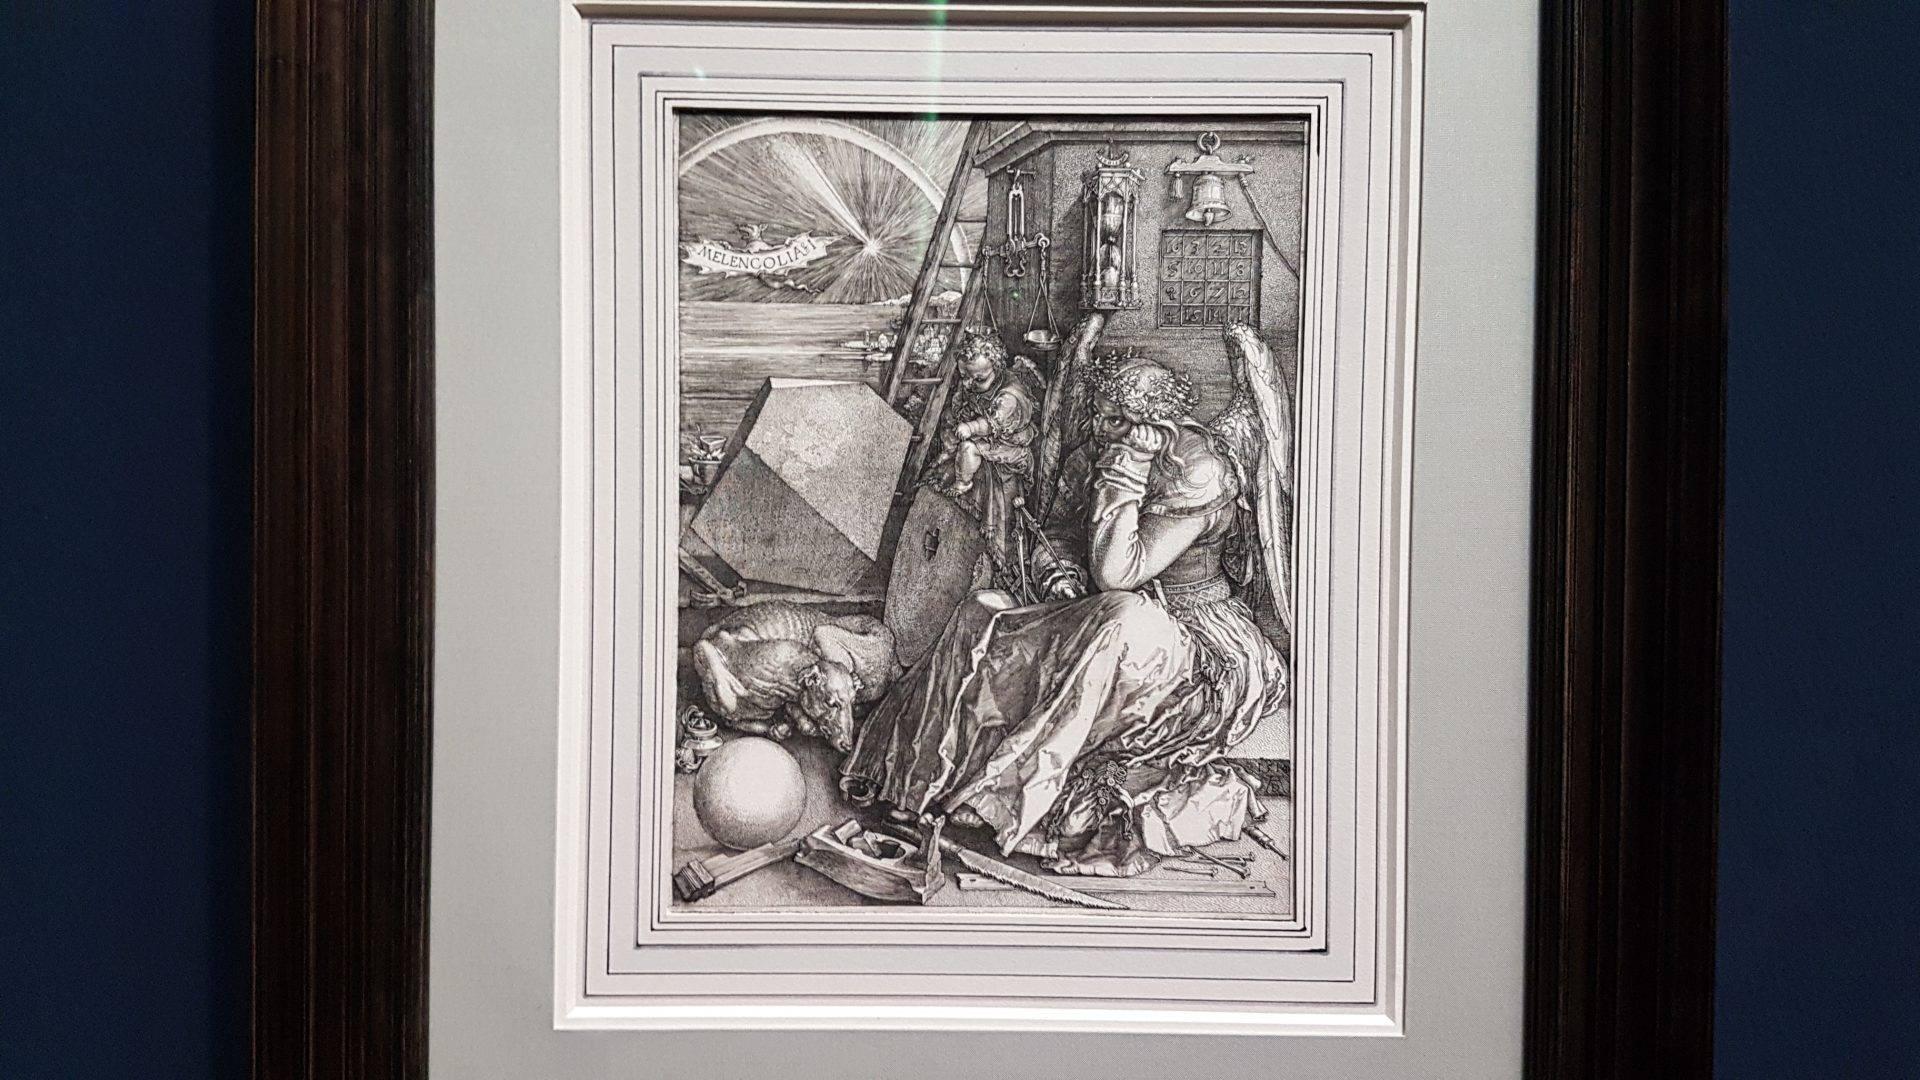 """Альбрехт Дюрер """"Мелонхолия"""" (1514) в экспозиции выставки в Альбертине. Фото Art with me! e.U., 2019"""